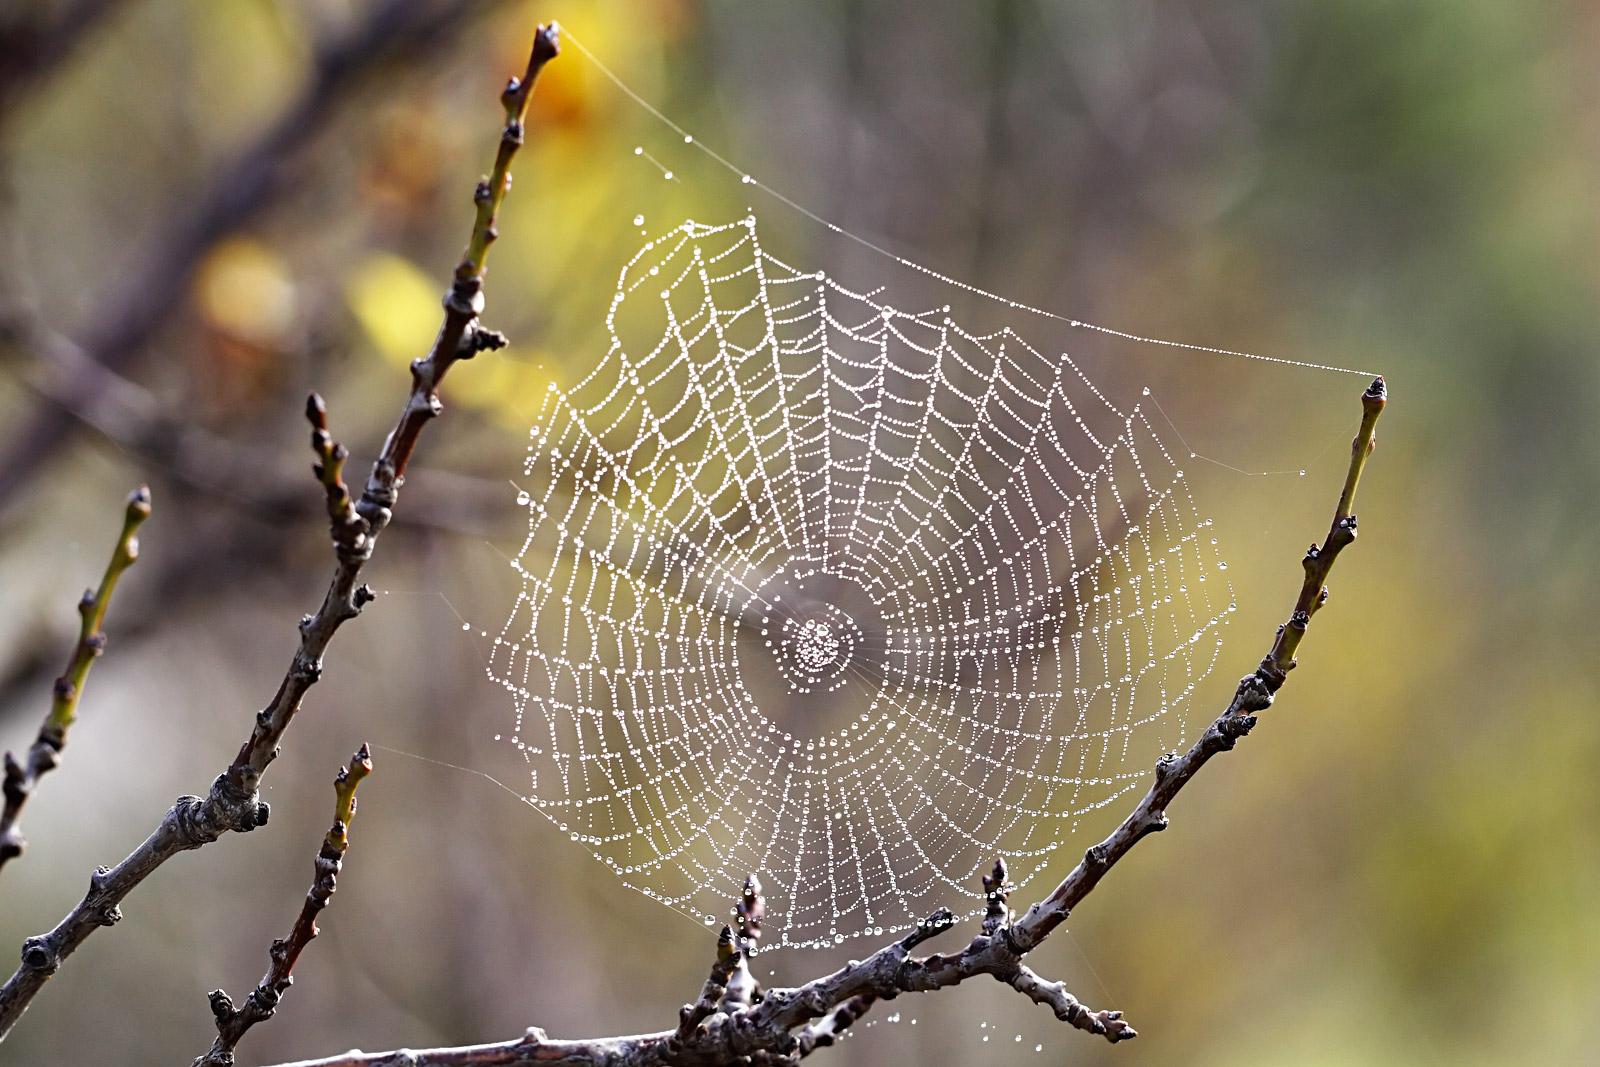 ¿La araña protectora?